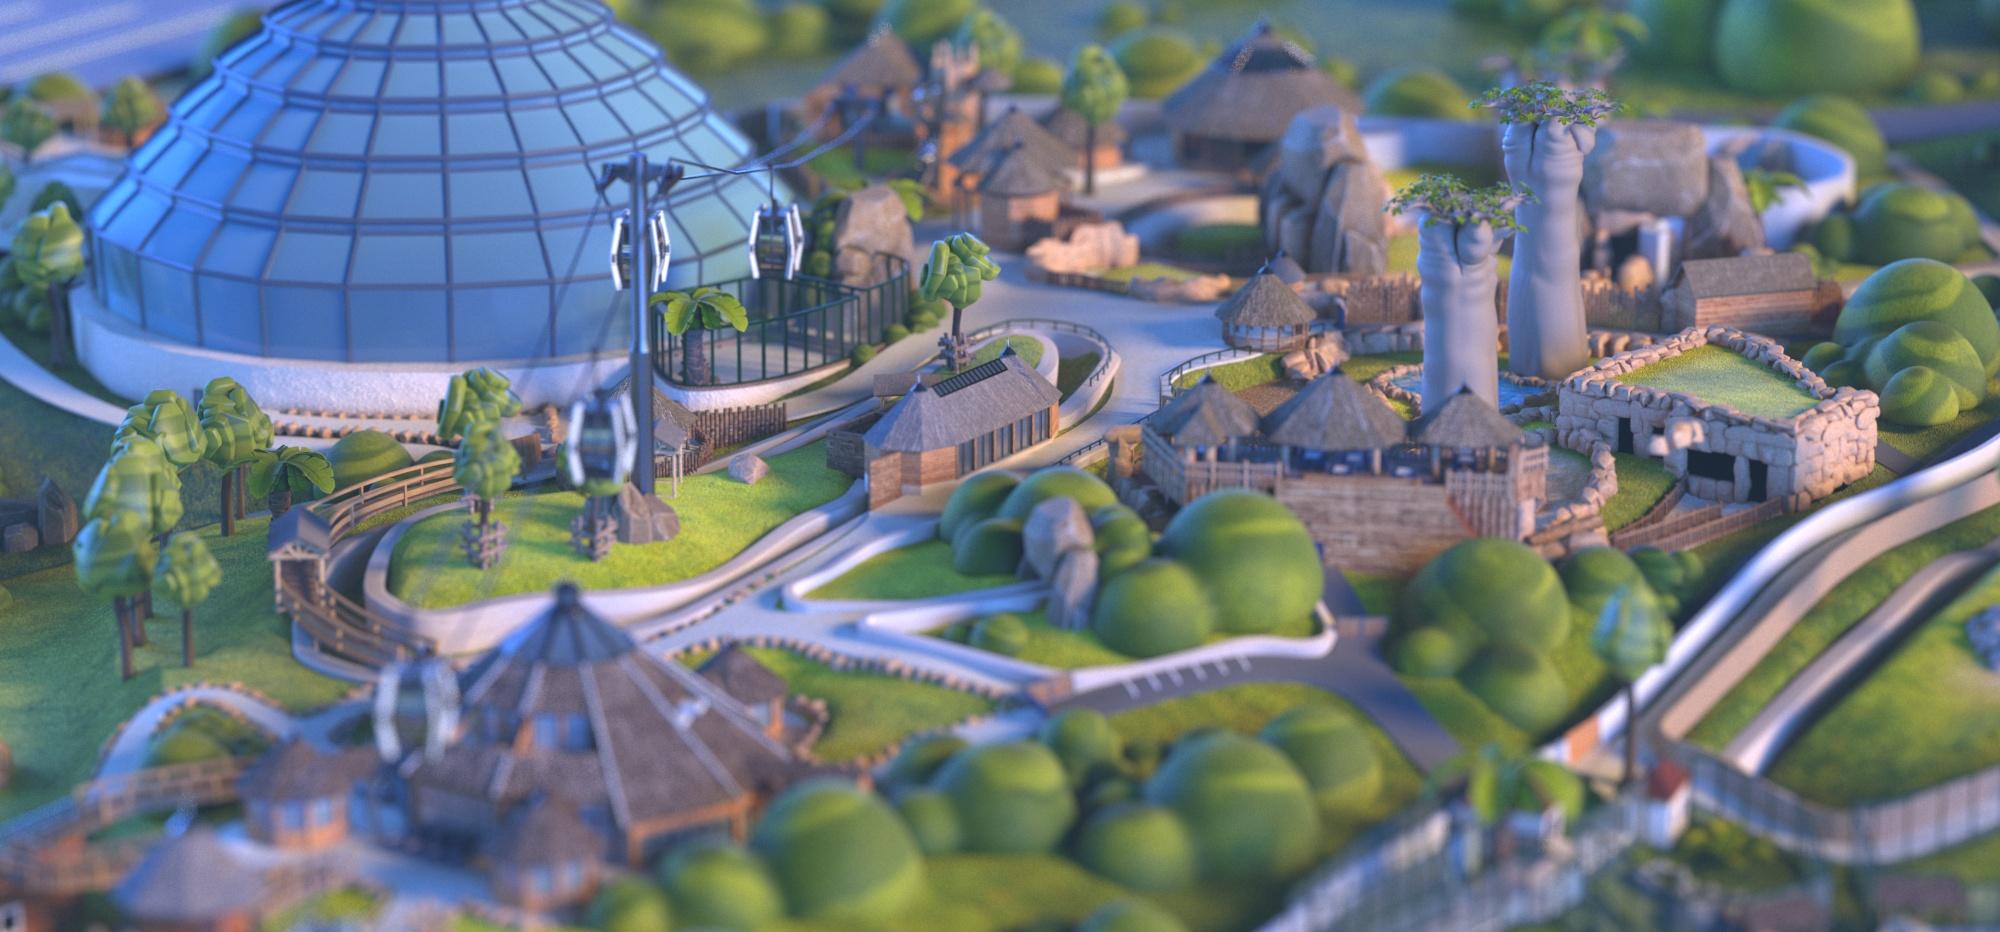 GALERIE-Dripmoon-Studio-3D-Tours-Motion-design-Zooparc-de-Beauval-Plan-du-parc 8